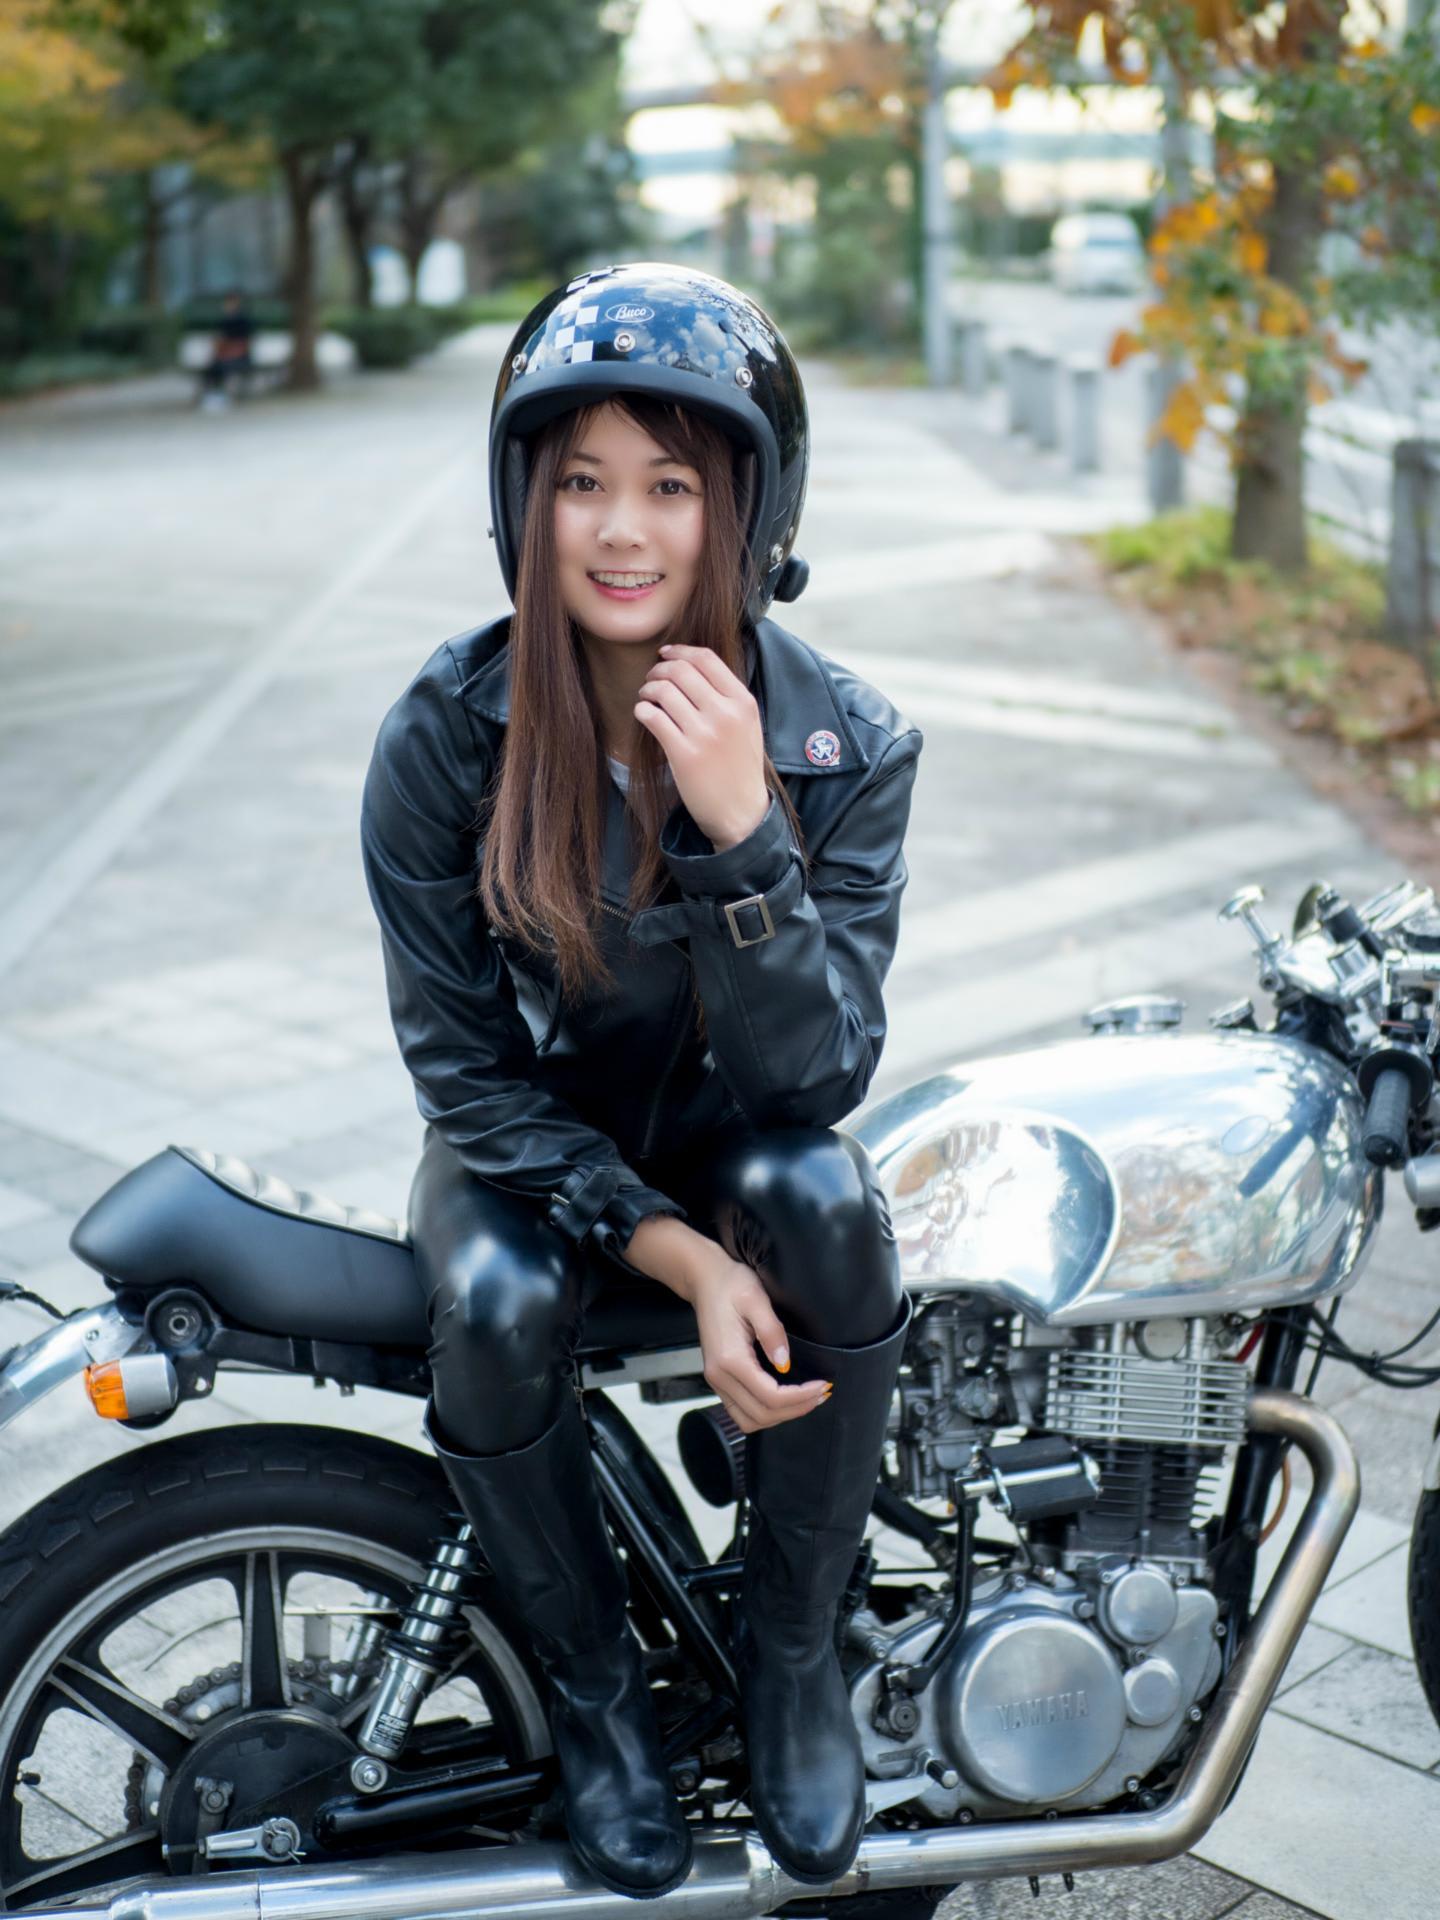 柳原ゆうさん Festasole Bike撮影会 2016年12月3日 Vol 4 無断転載、無断2次利用禁止です